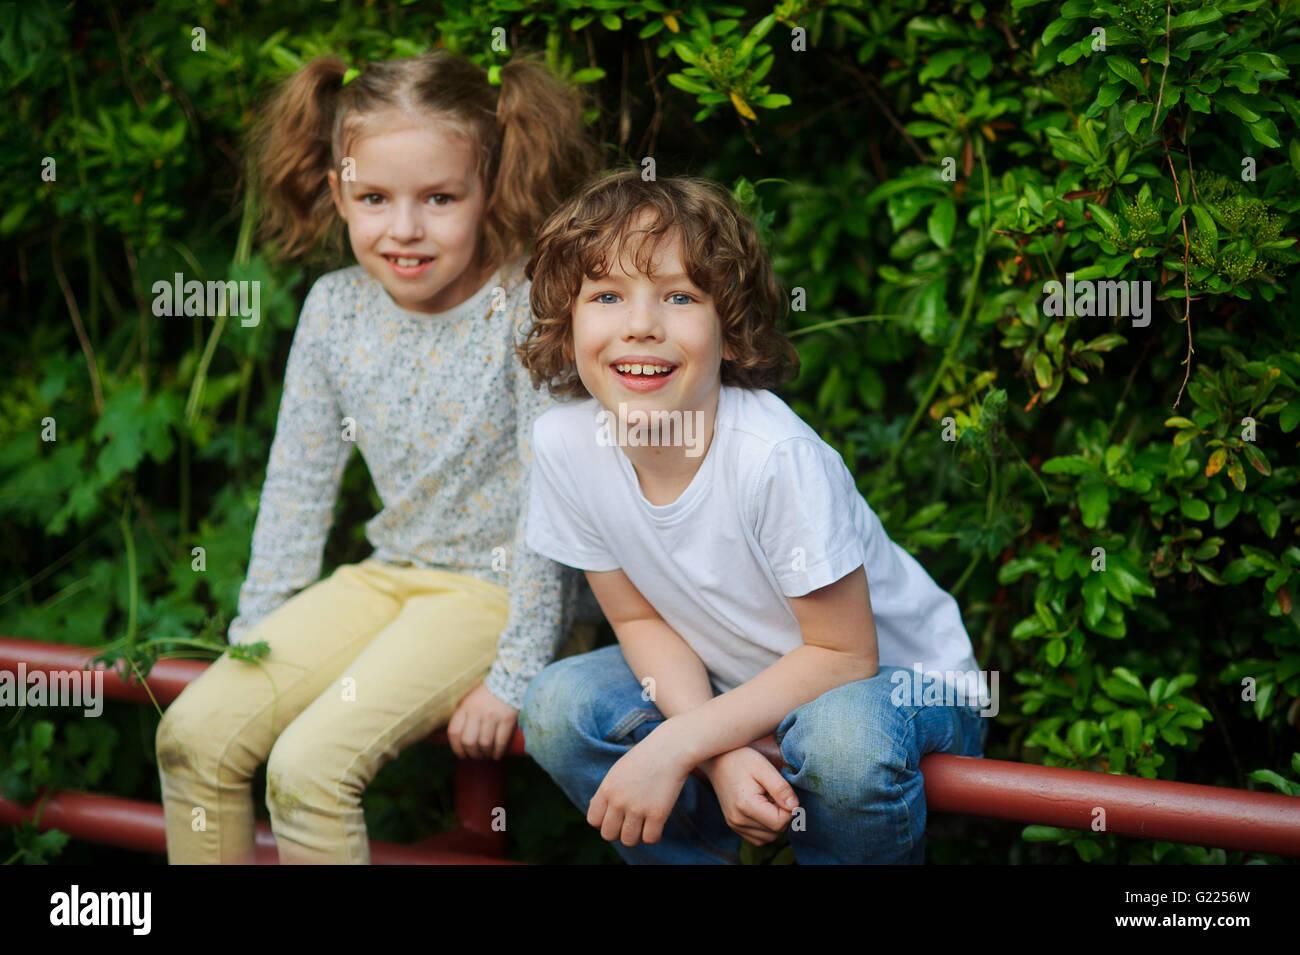 Chico Chica con sentarse en la valla en el parque y riendo Imagen De Stock